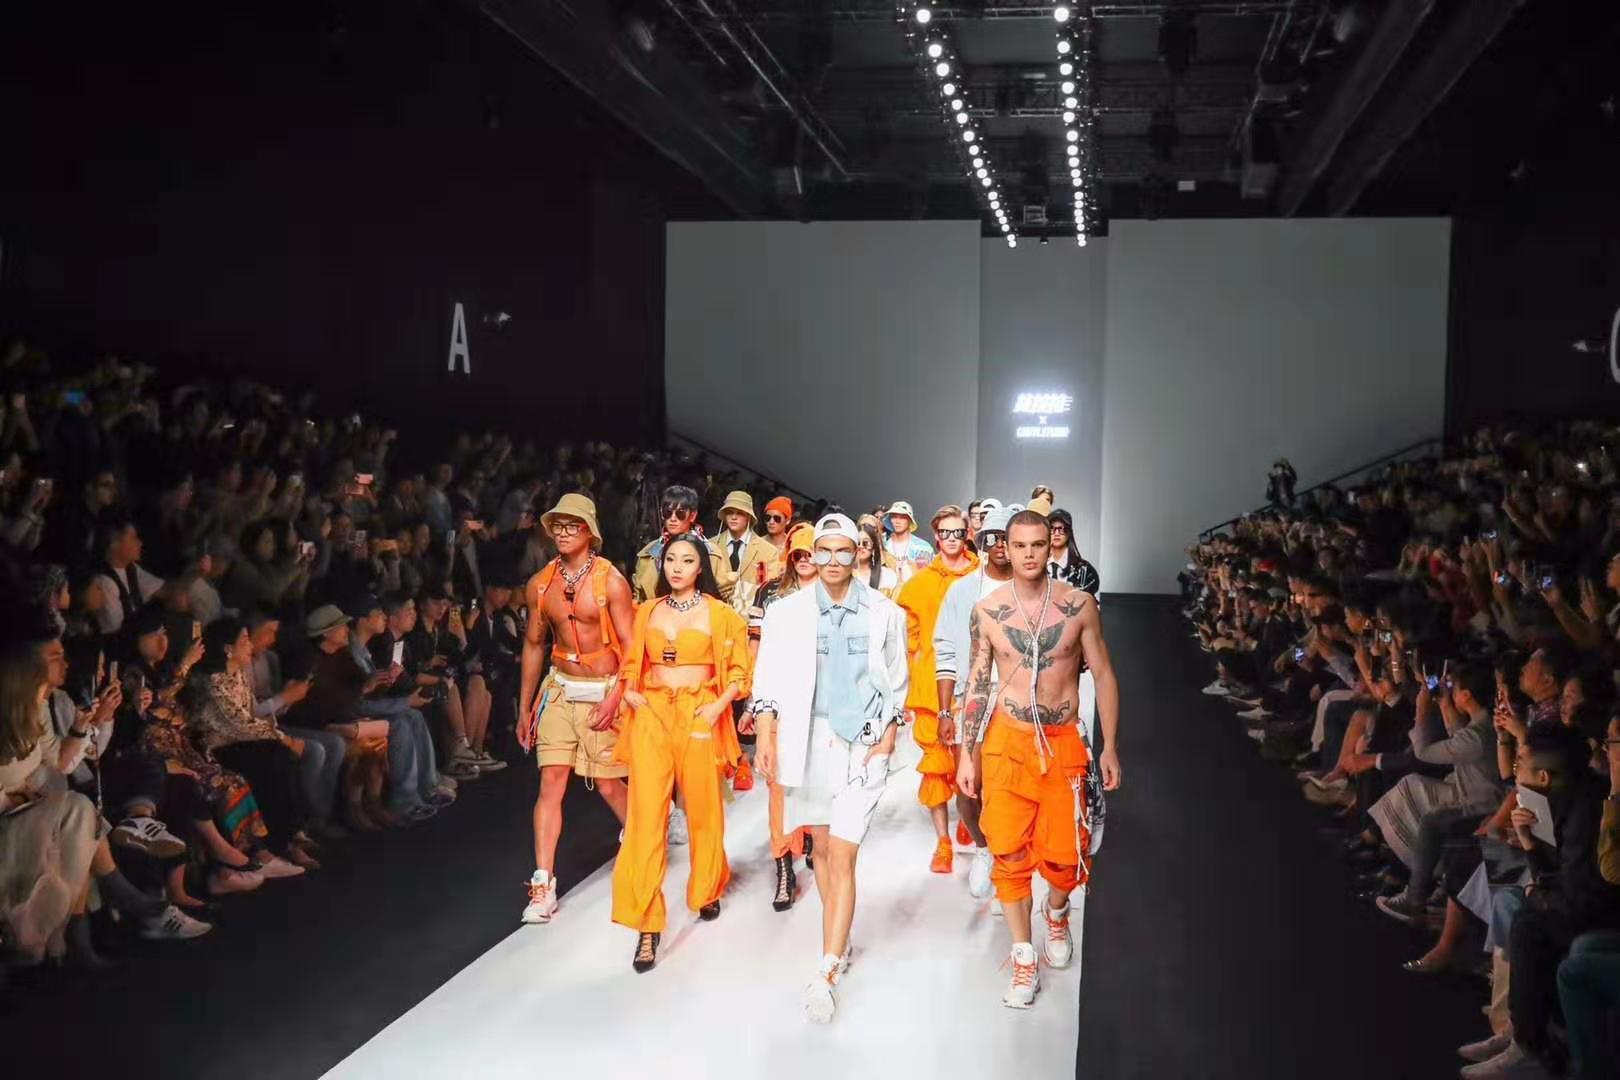 货拉拉为司机定制小橙衣 炫酷亮相上海时装周